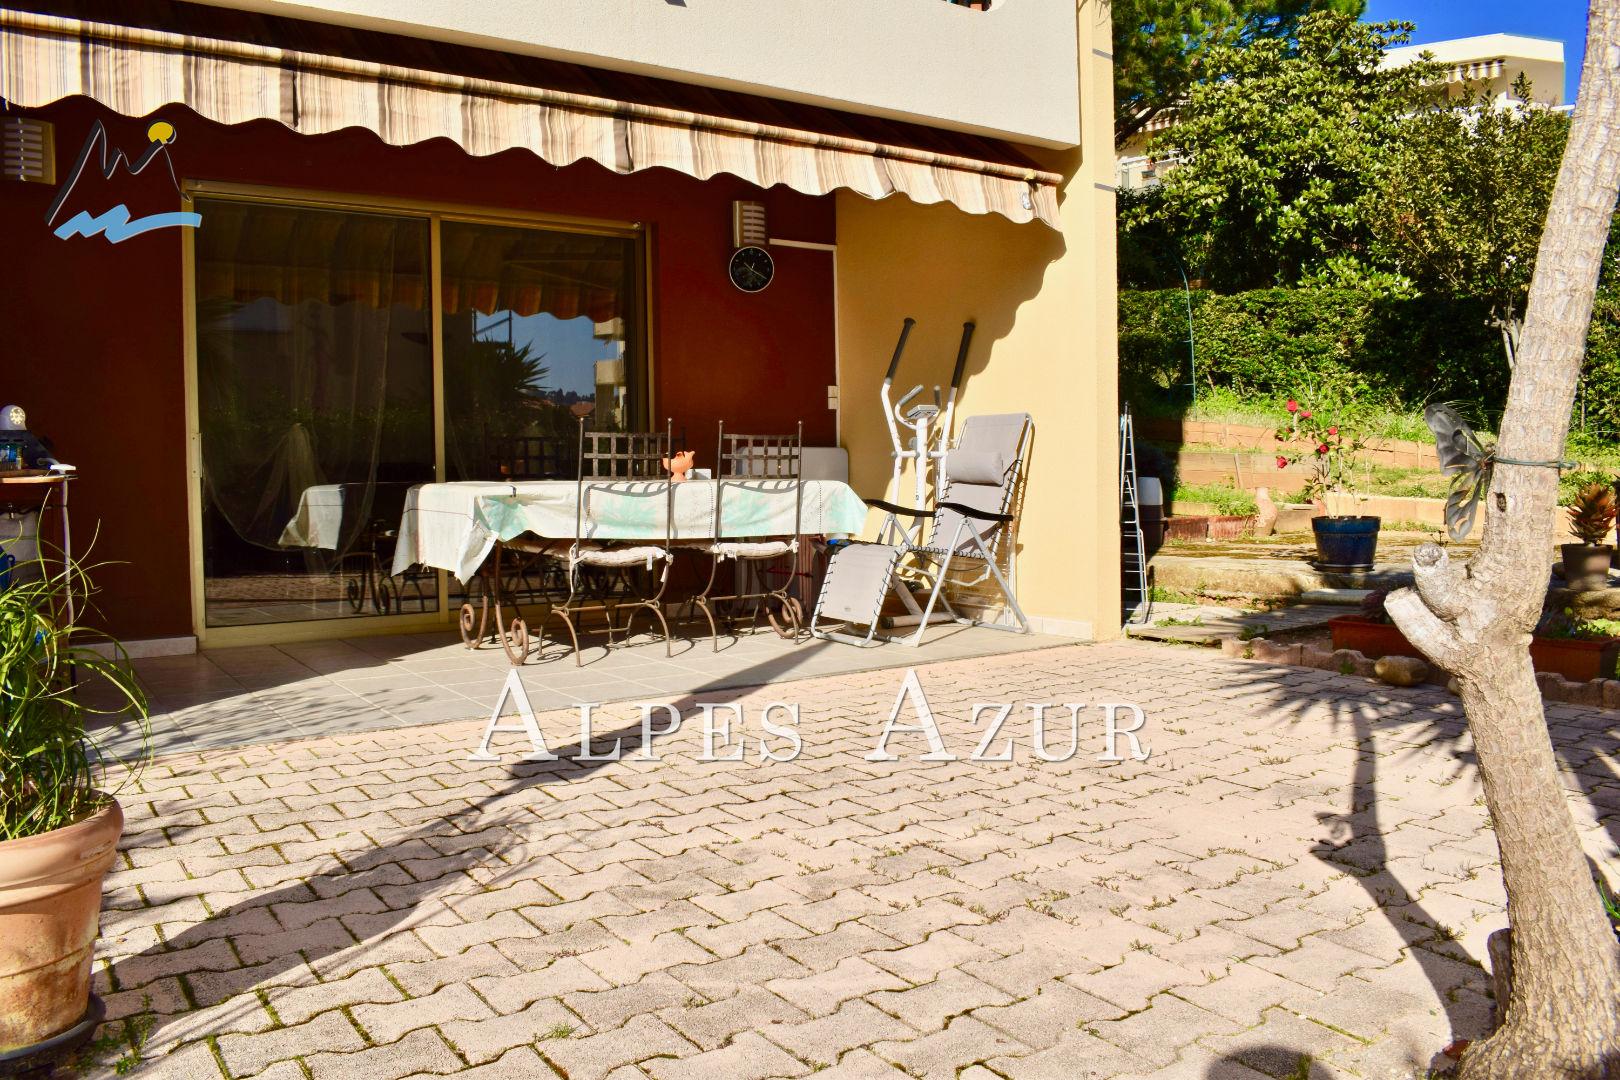 Vente Appartement rez-de-jardin Saint-Laurent-du-Var 06700 - 337 000 ...